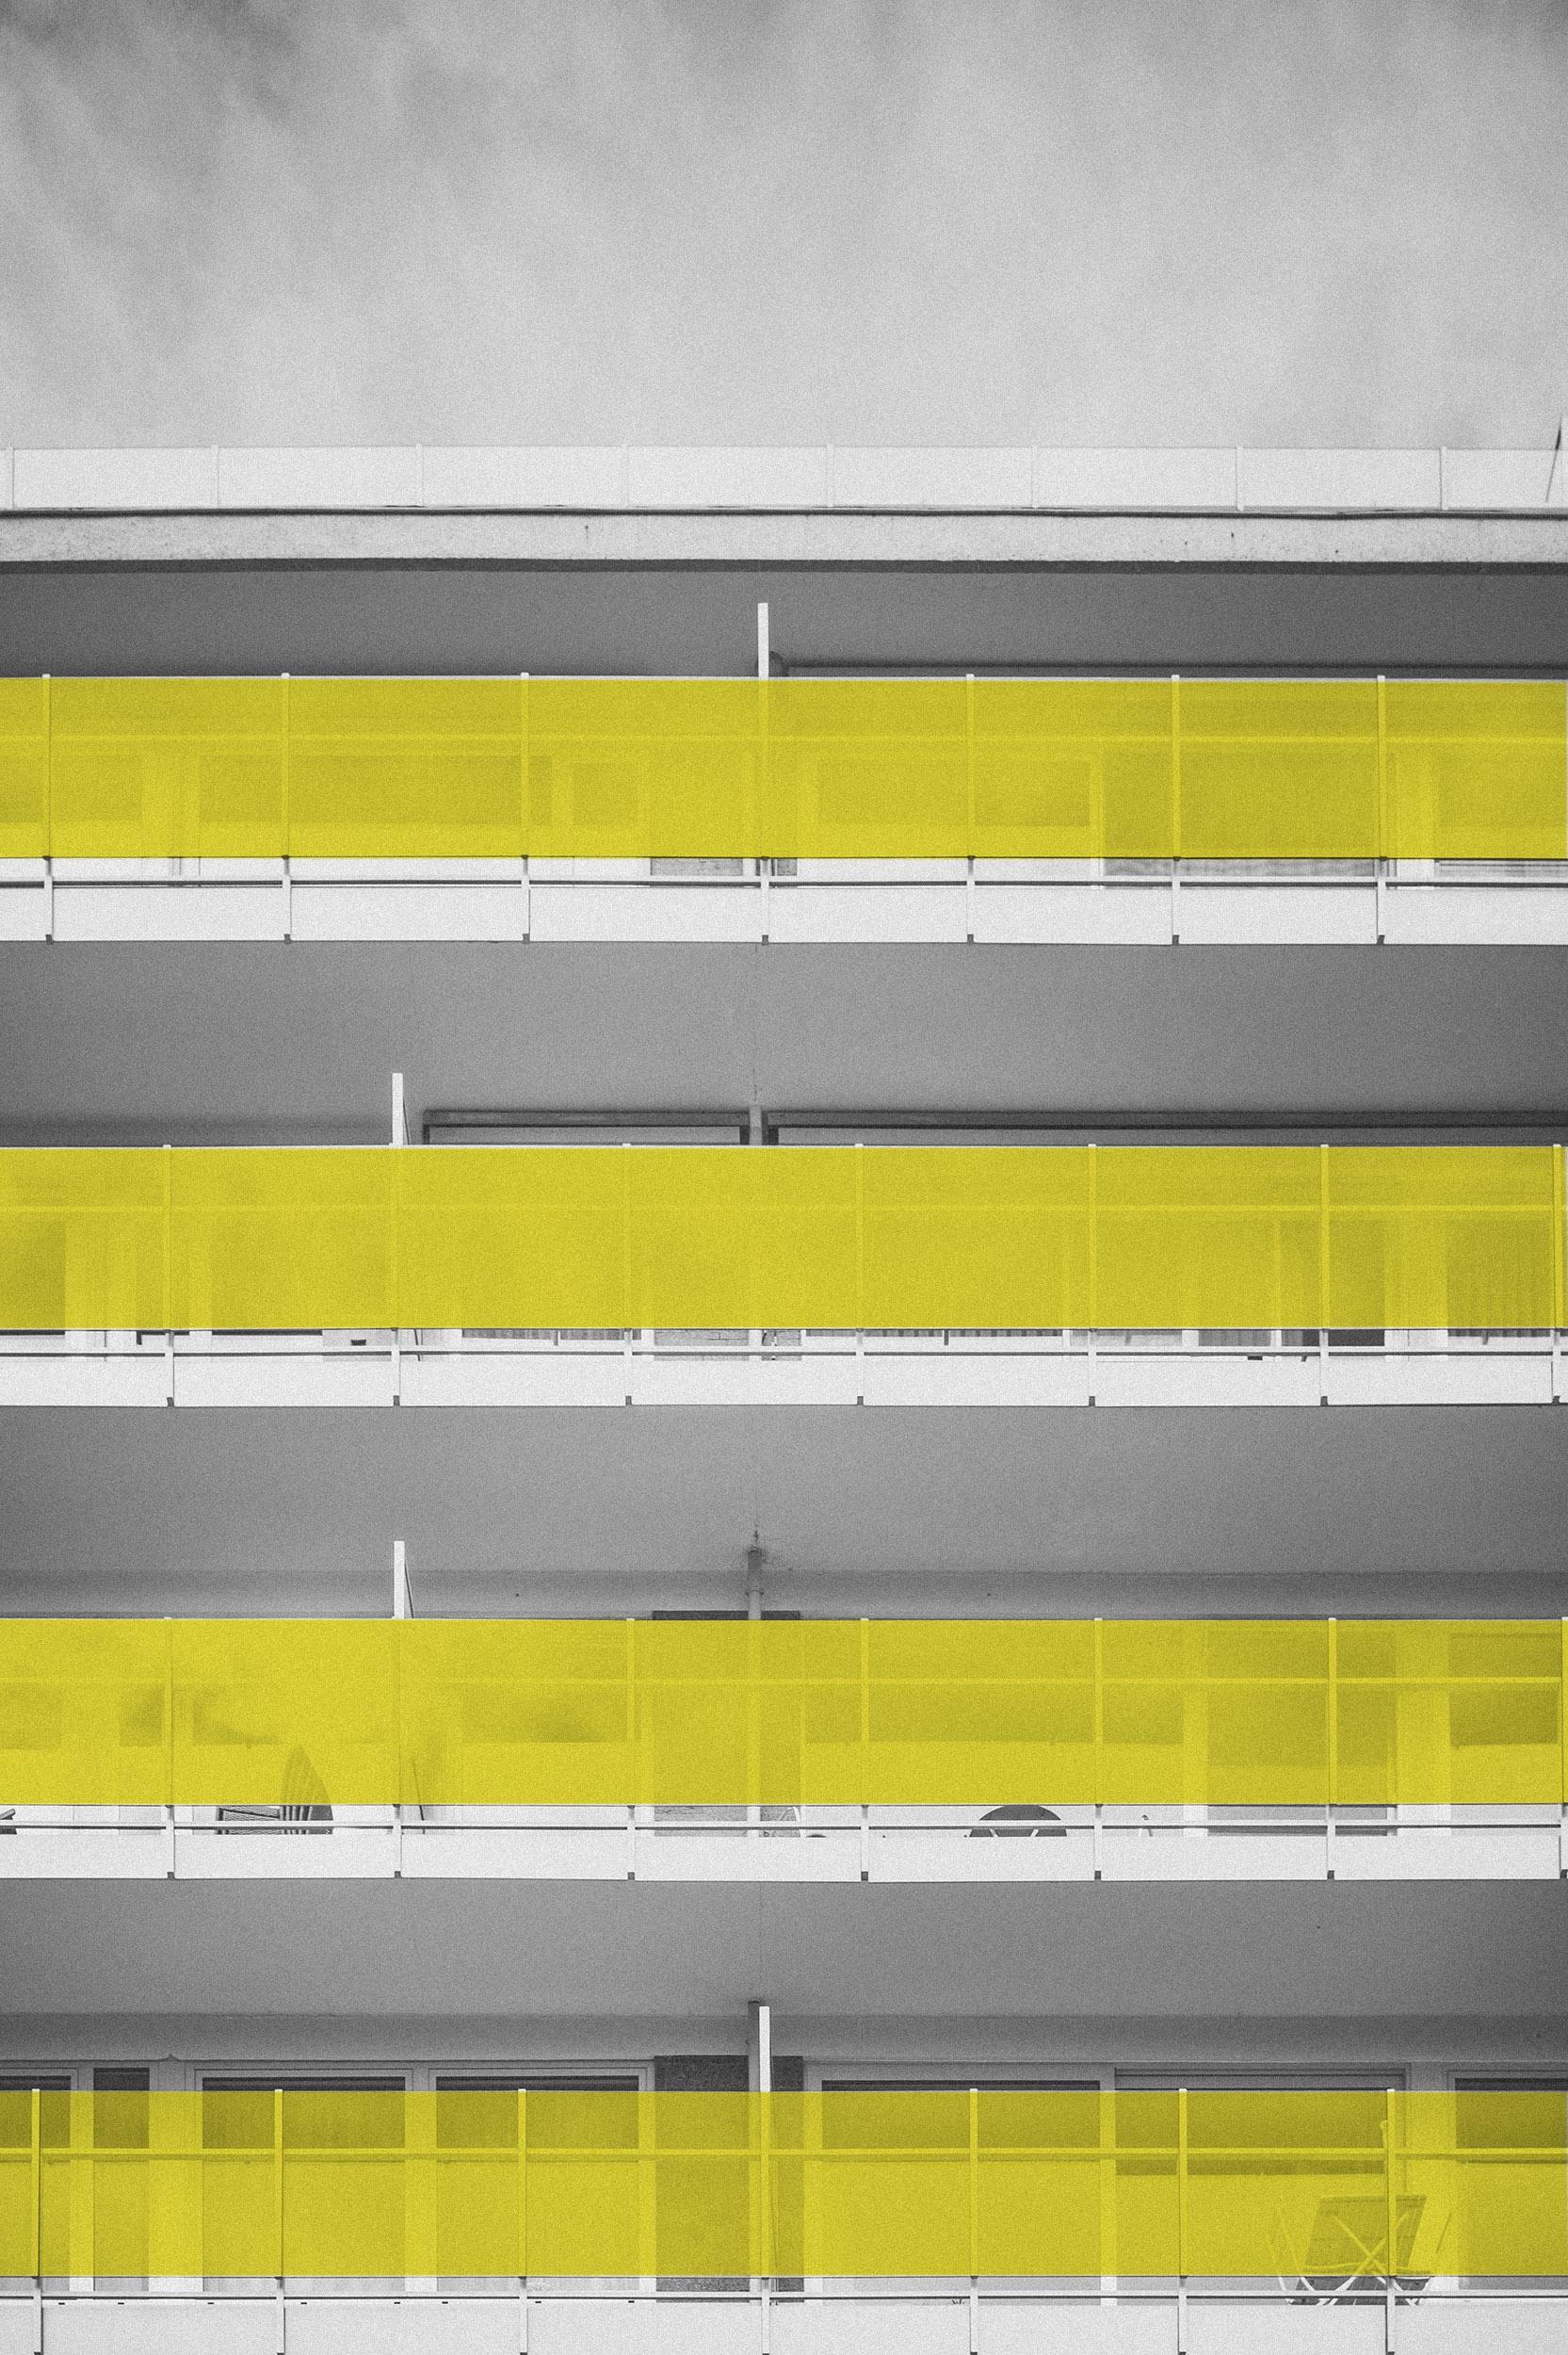 Cortavientos - Productos que confieren distinción a las fachadas en las que son colocadas, favorecen la iluminación y, como su nombre lo indica, aíslan al espacio de vientos o polvo y brindan seguridad en terrazas.